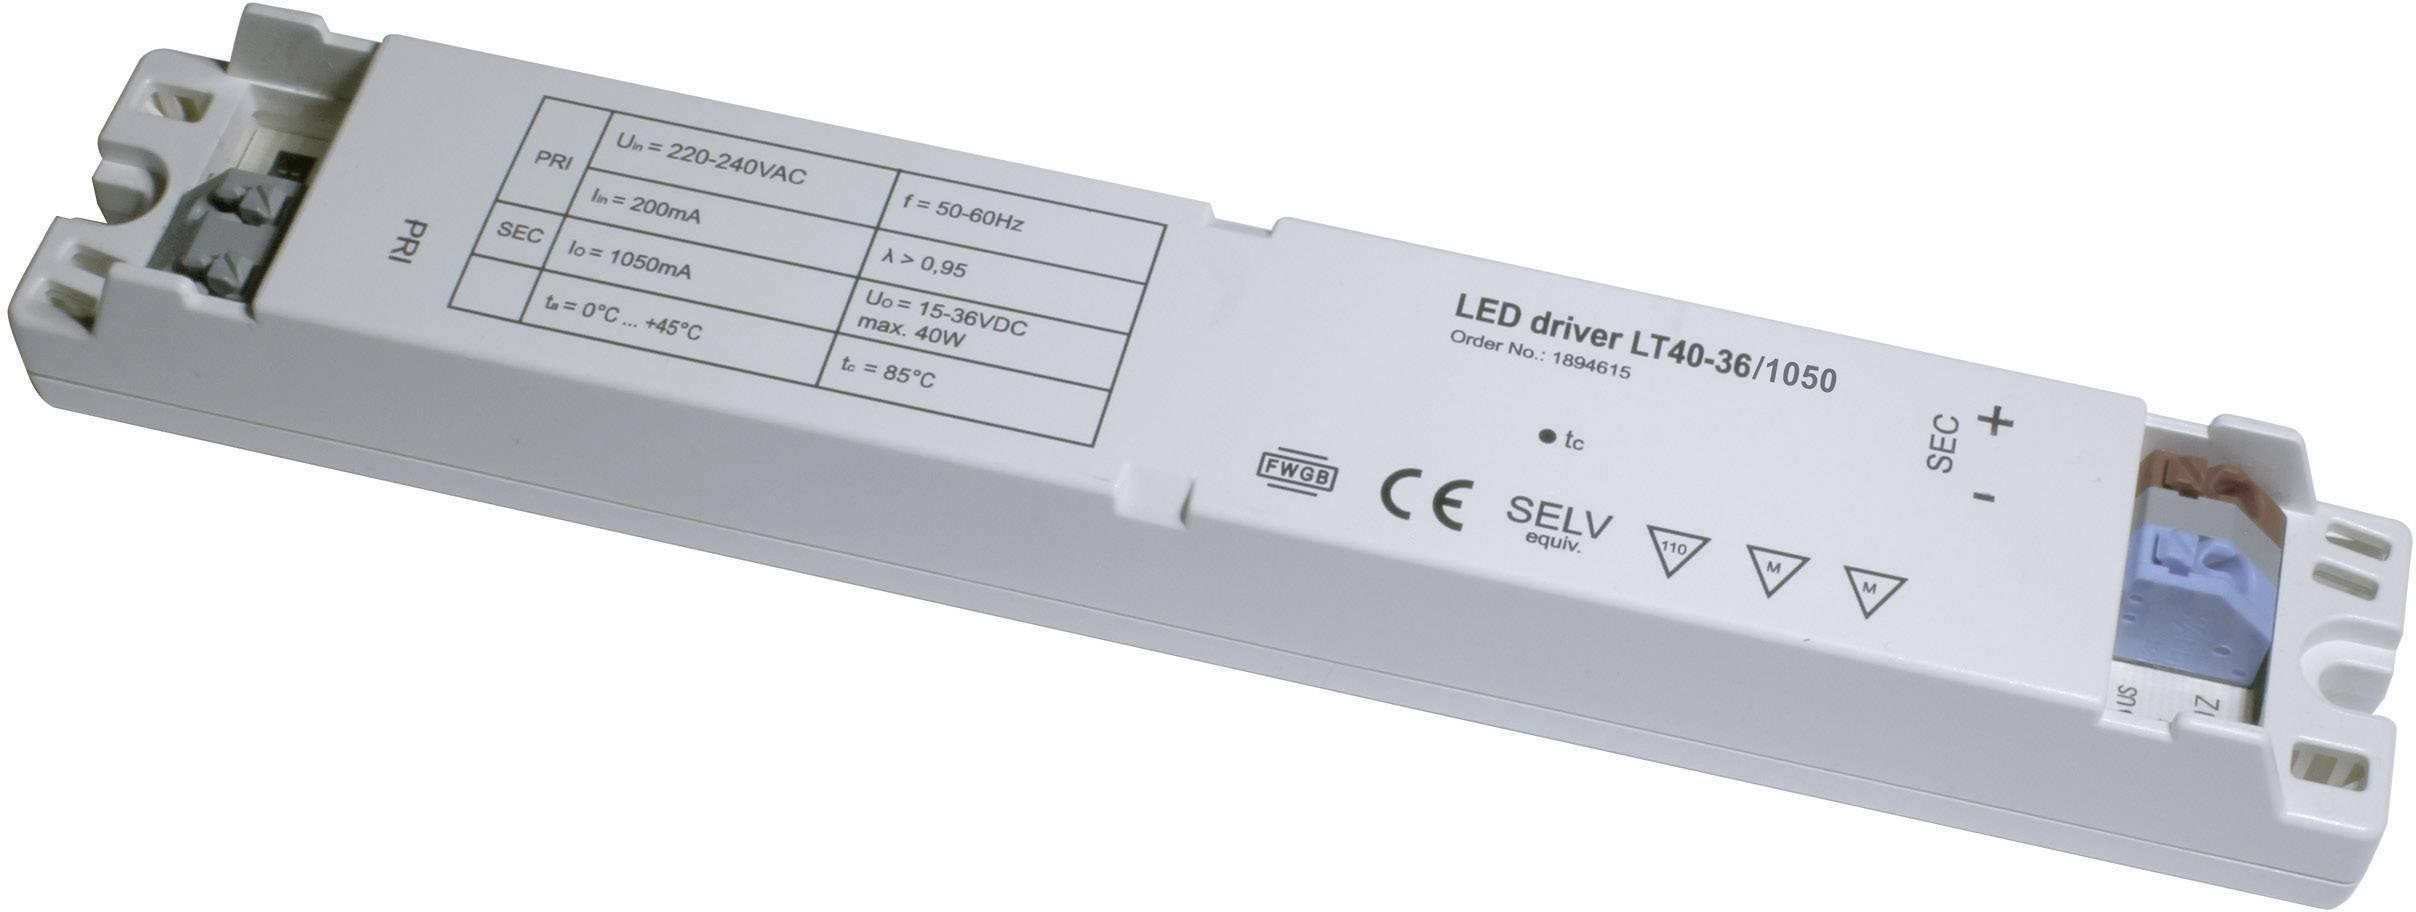 Napájací zdroj pre LED, LED driver LT40-36/1050, 1.05 A, 15 - 36 V/DC